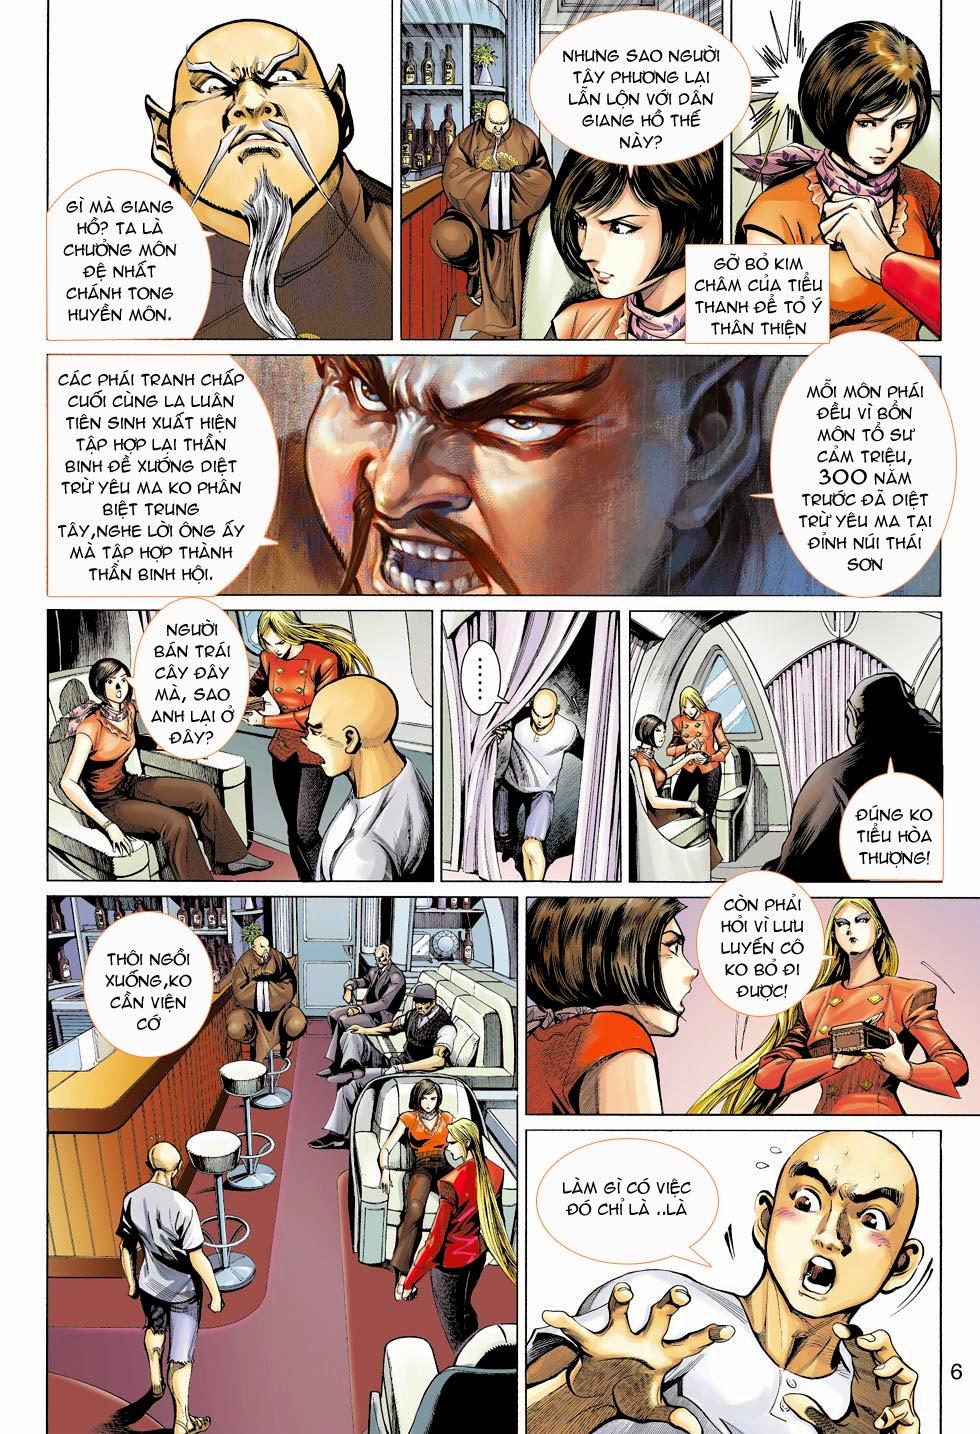 Thần Binh 4 chap 26 - Trang 7